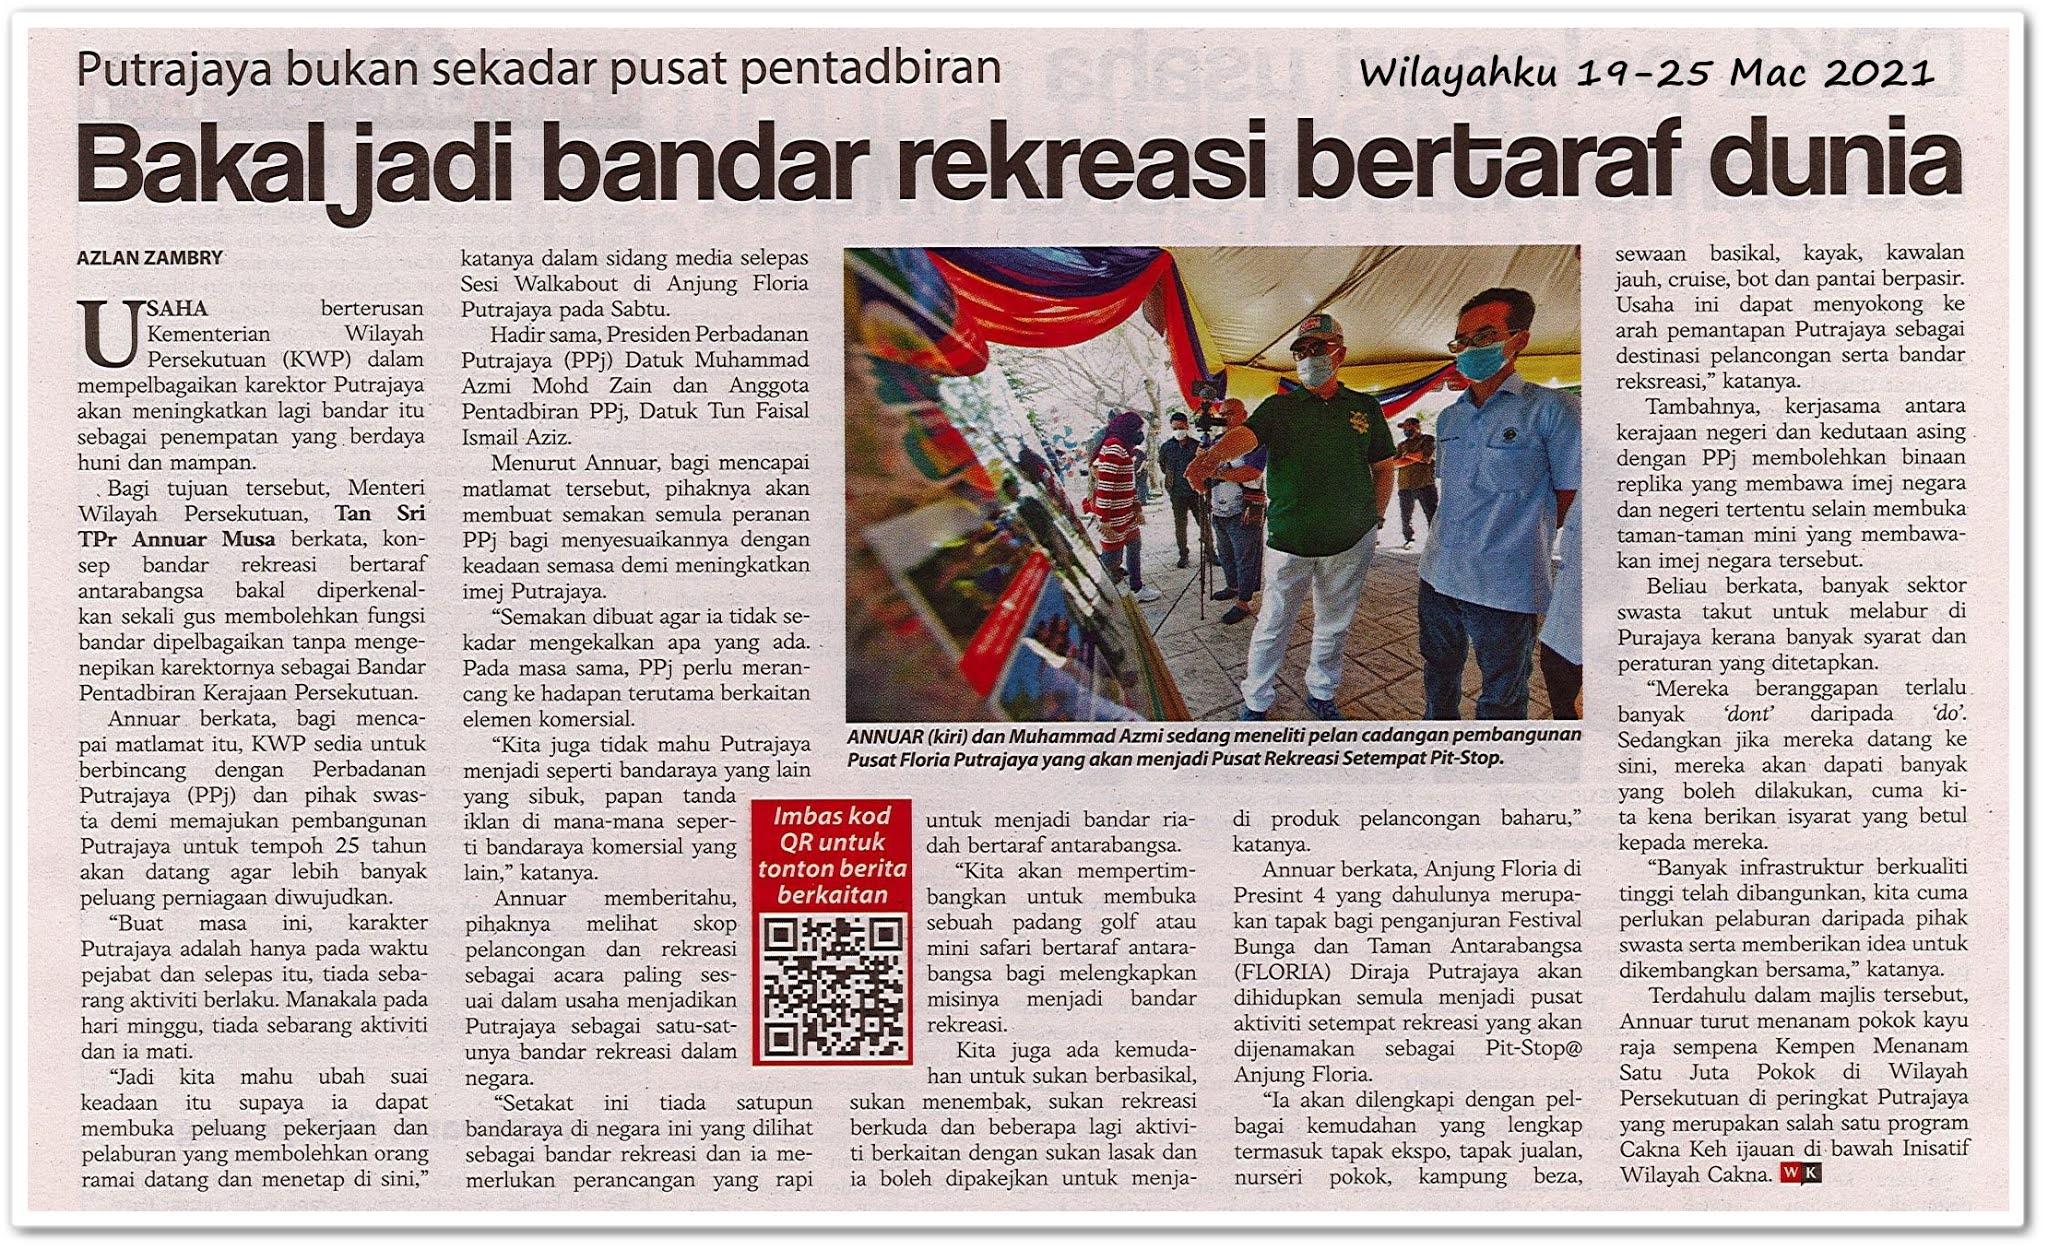 Bakal jadi bandar rekreasi bertaraf dunia | Putrajaya bukan sekadar pusat pentadbiran - Keratan akhbar Wilayahku 19-25 Mac 2021